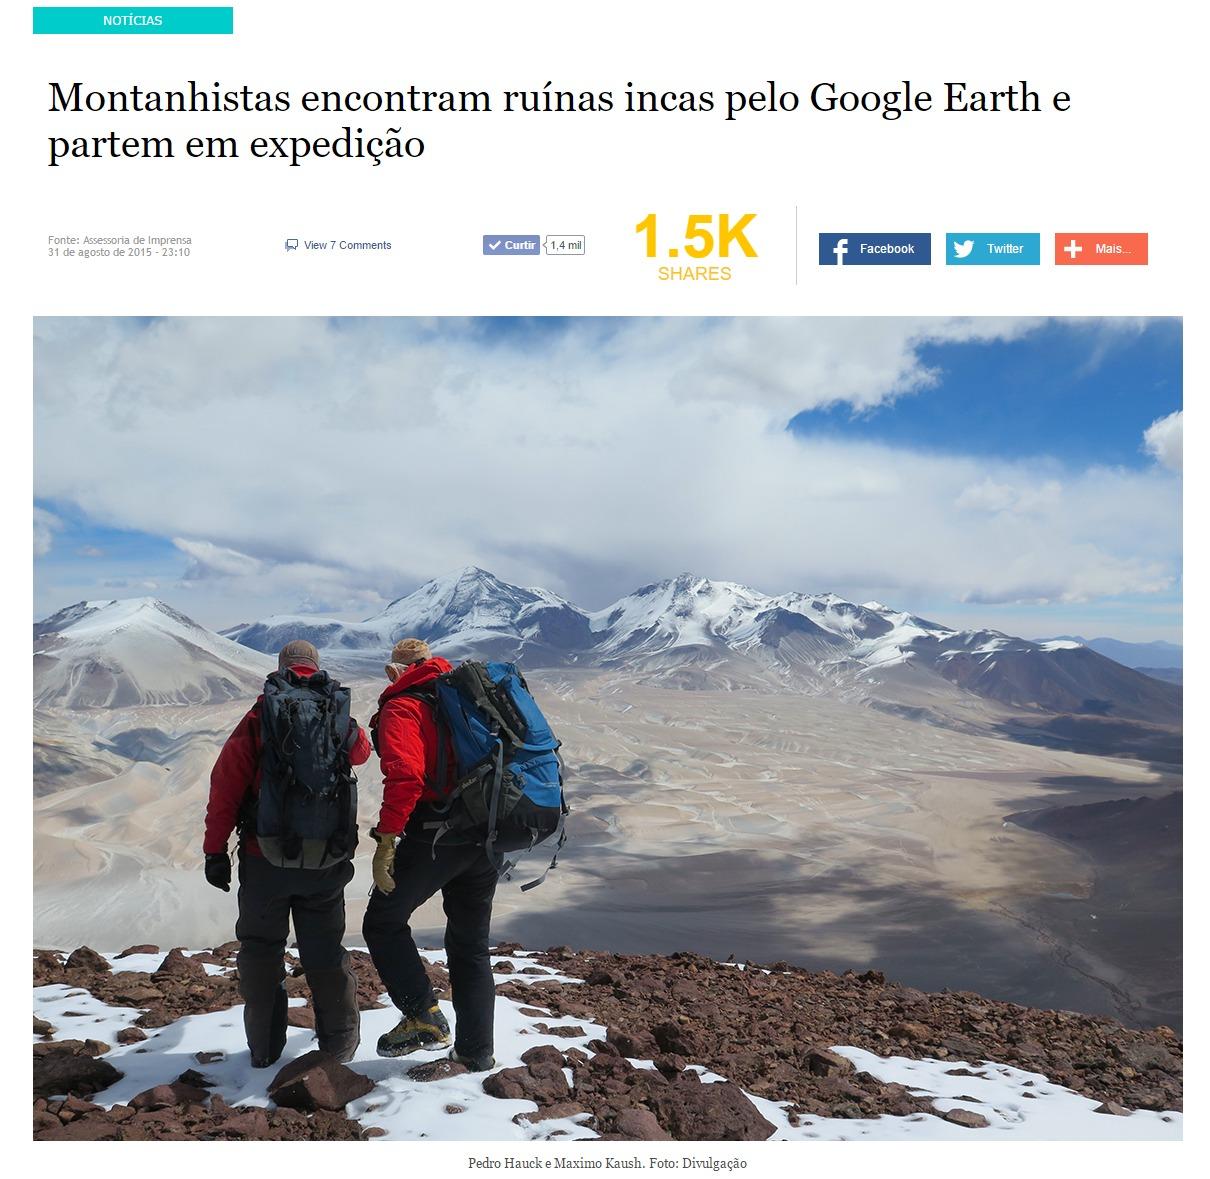 Montanhistas encontram ruínas incas pelo Google Earth e partem em expedição